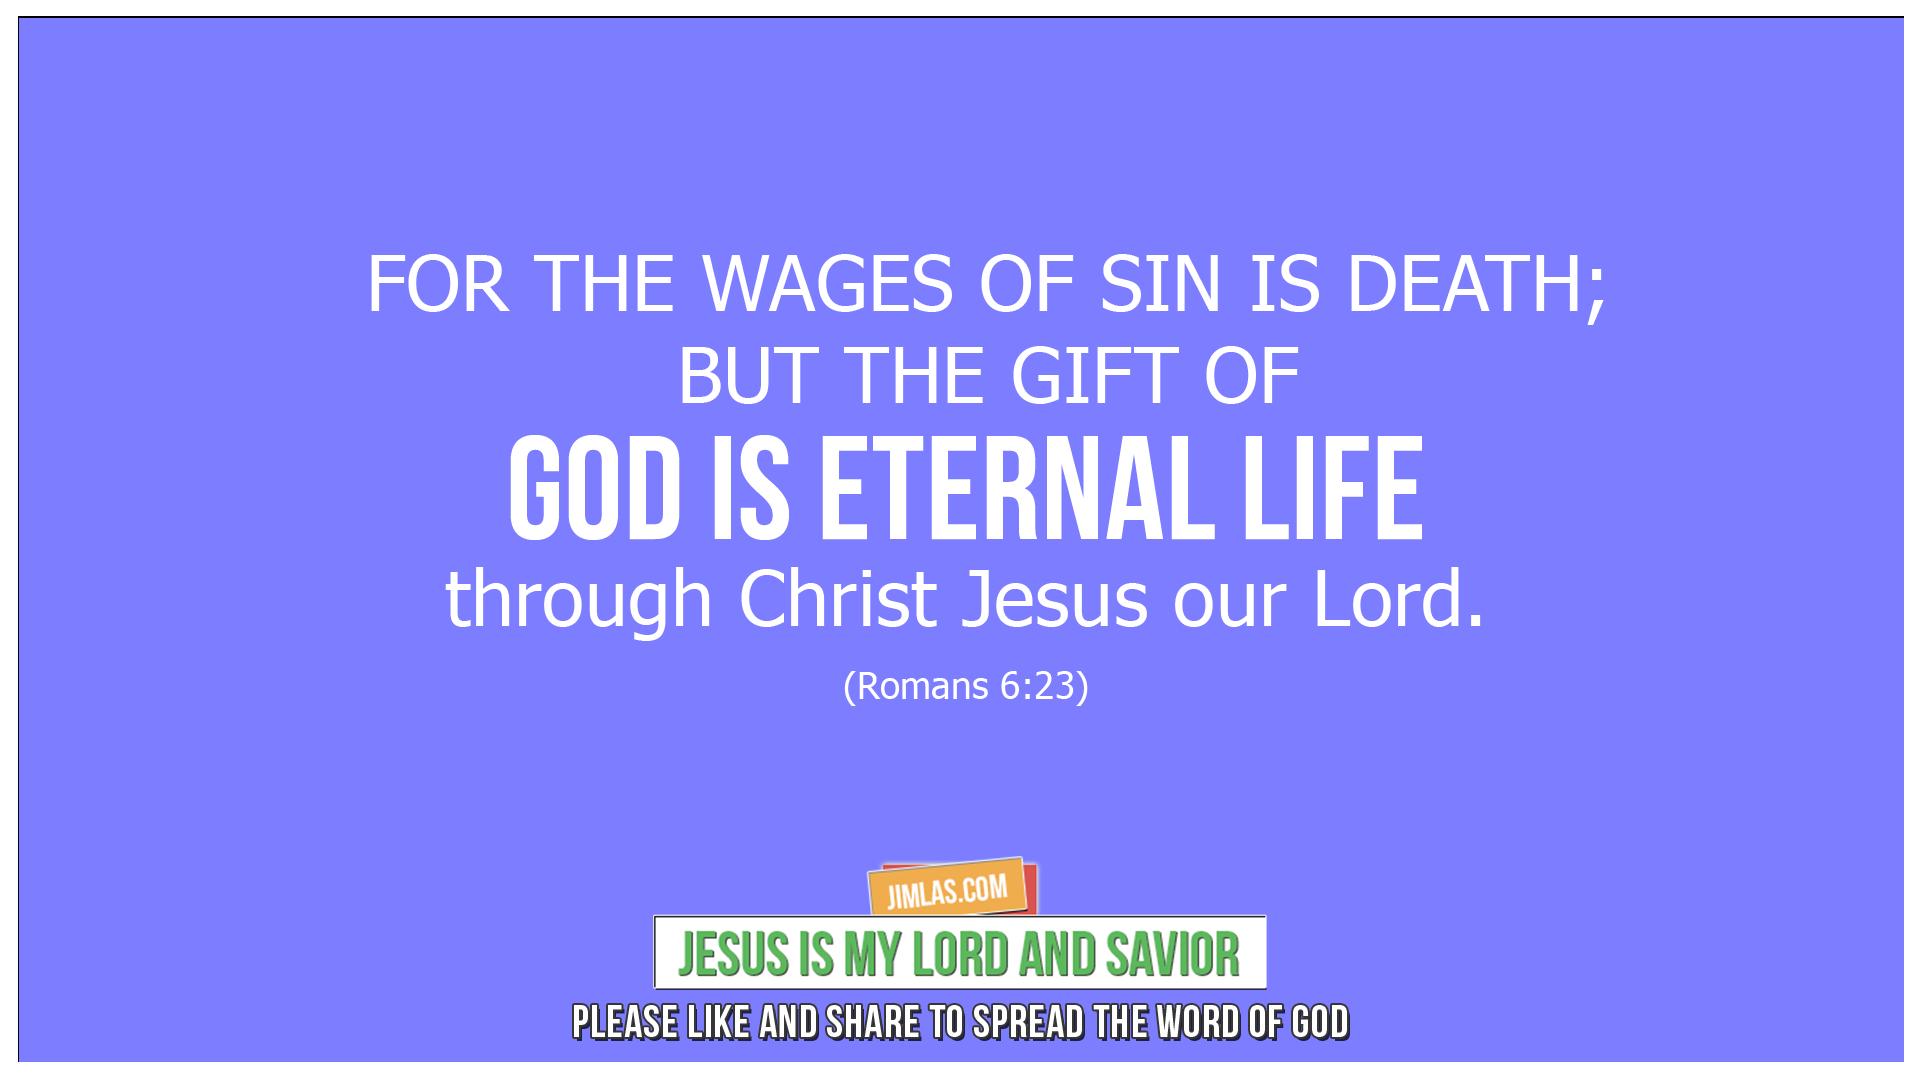 romans 6 23, Romans 6:23